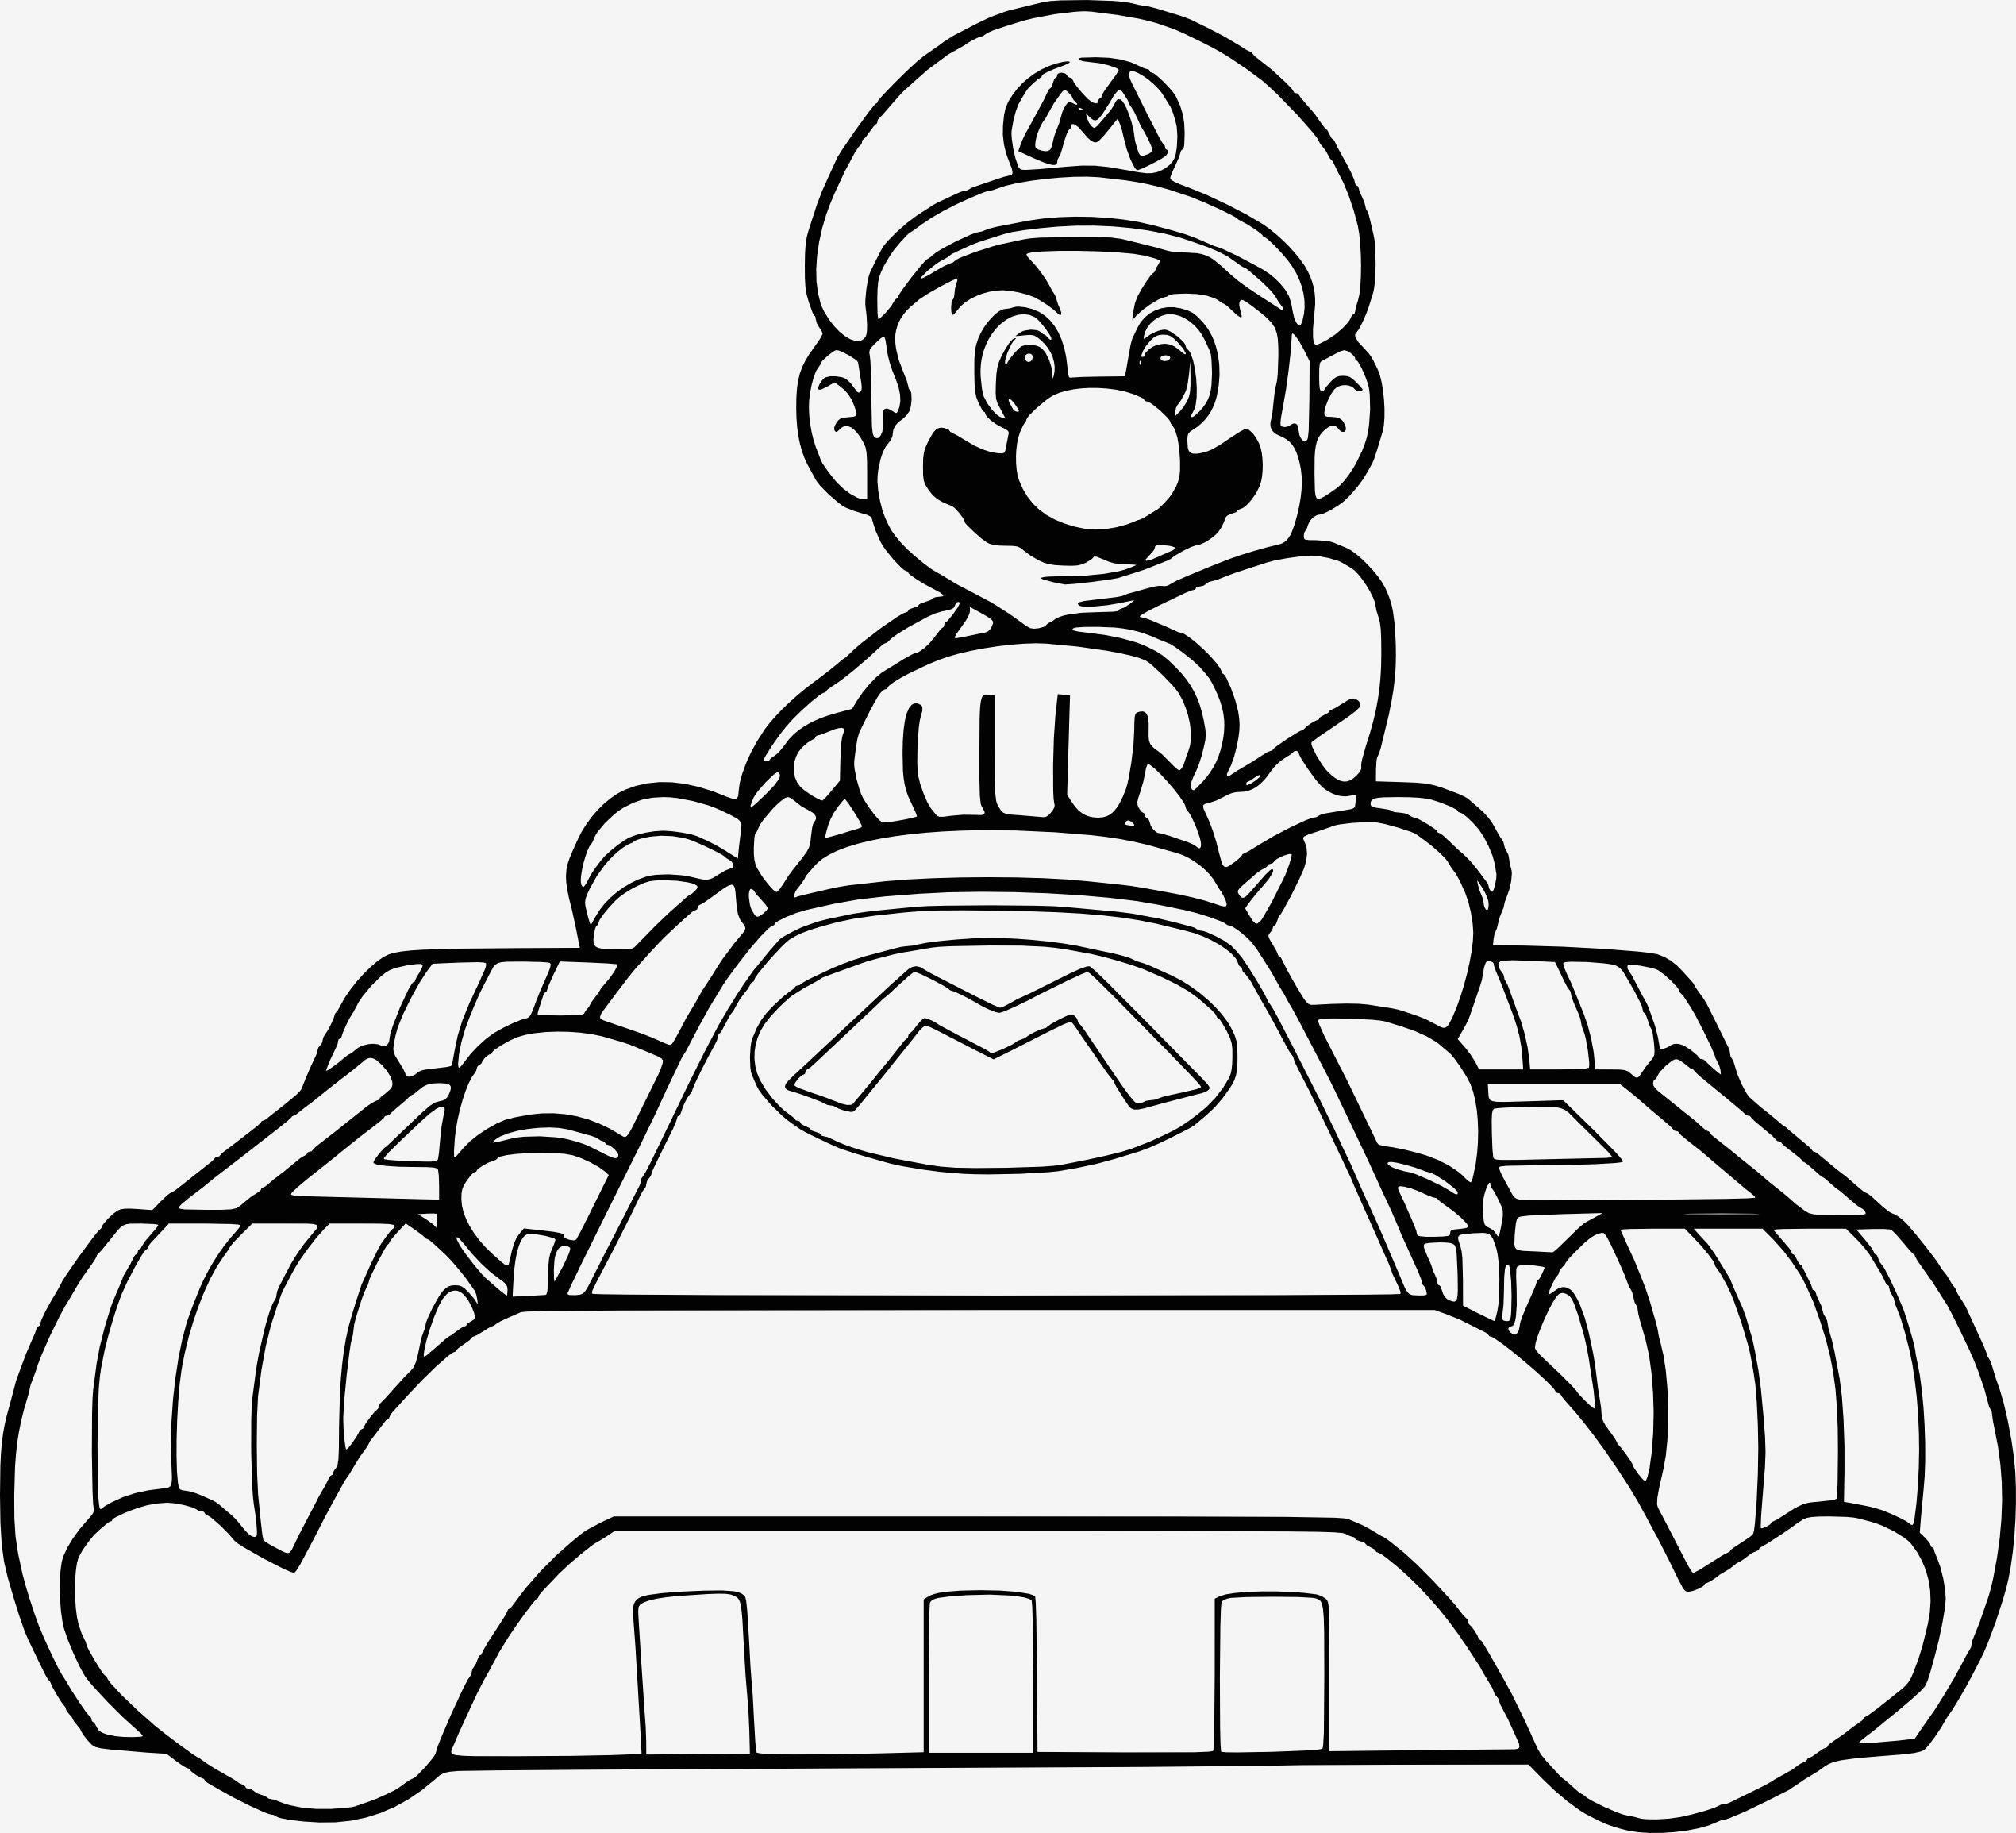 Spannende Coloring Bilder Super Mario Malvorlagen Schön Malvorlagen